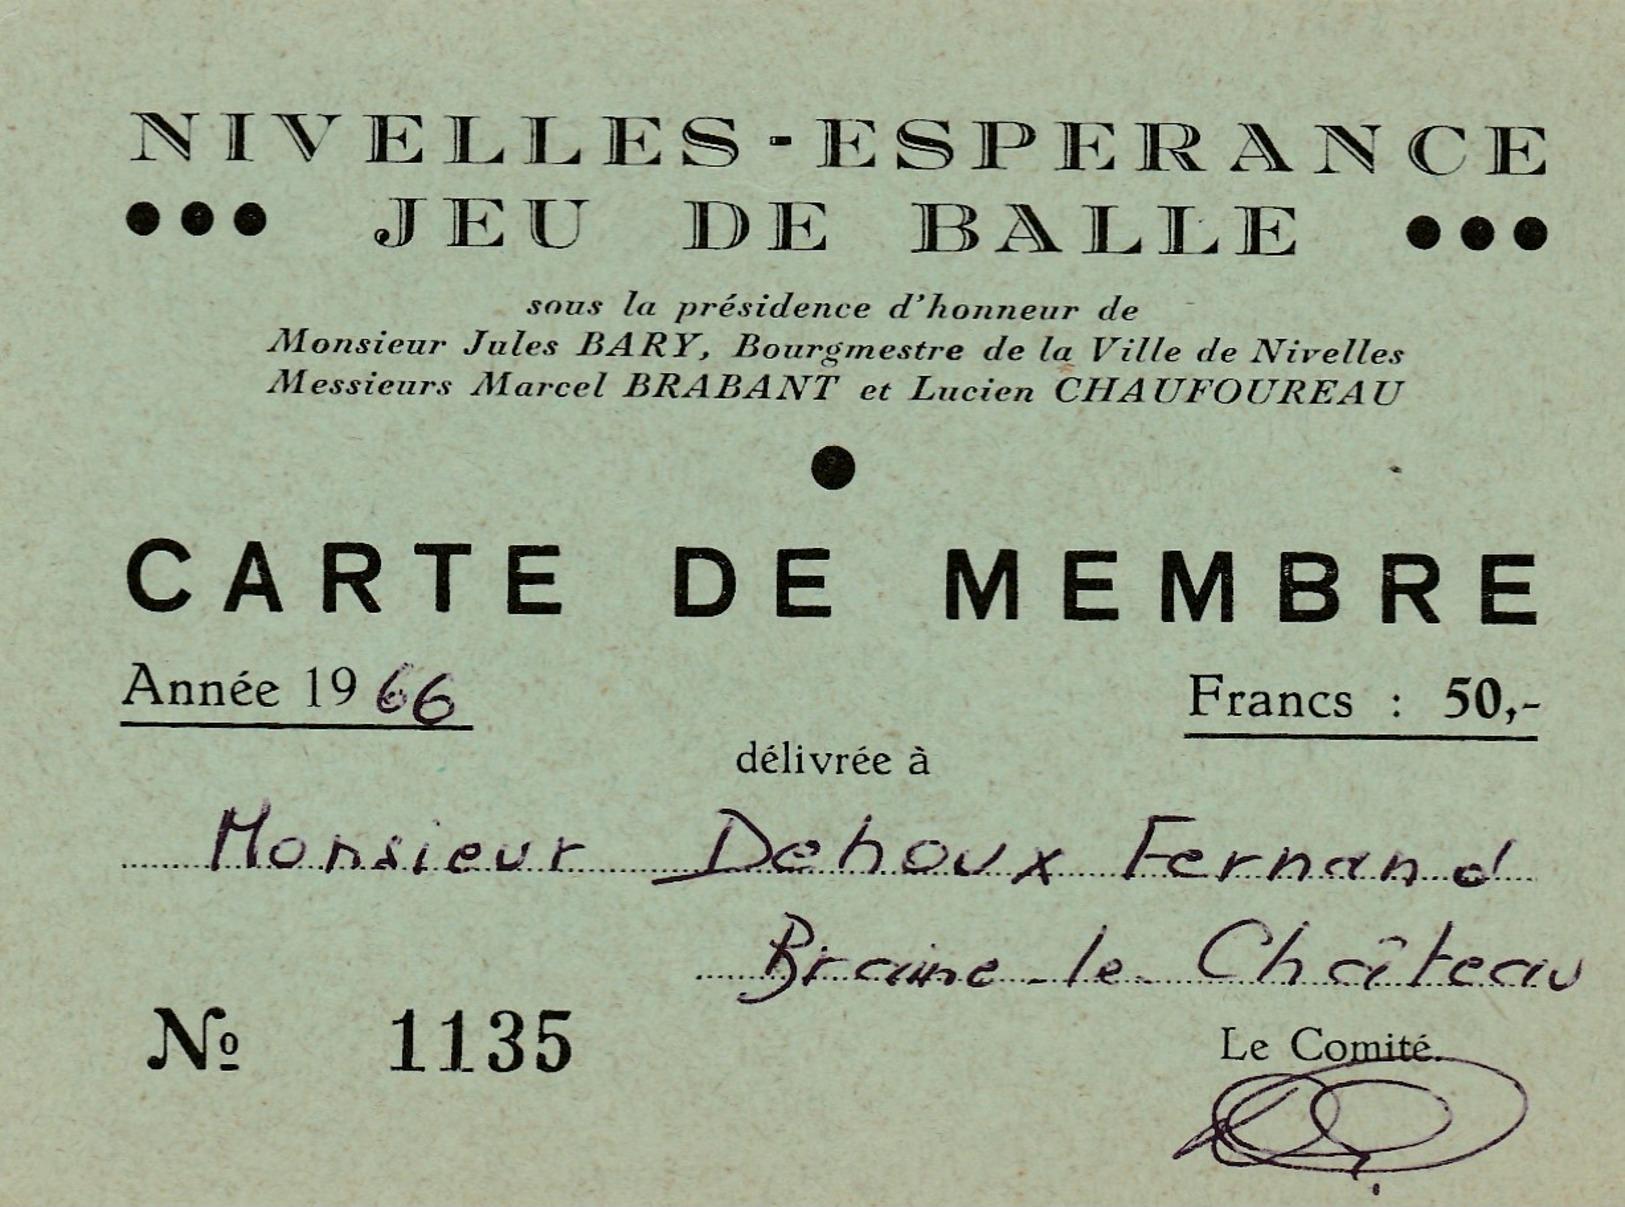 Nivelles , Carte De Membre ,Nivelles - Esperance - JEU DE BALLE Pelote - Nivelles